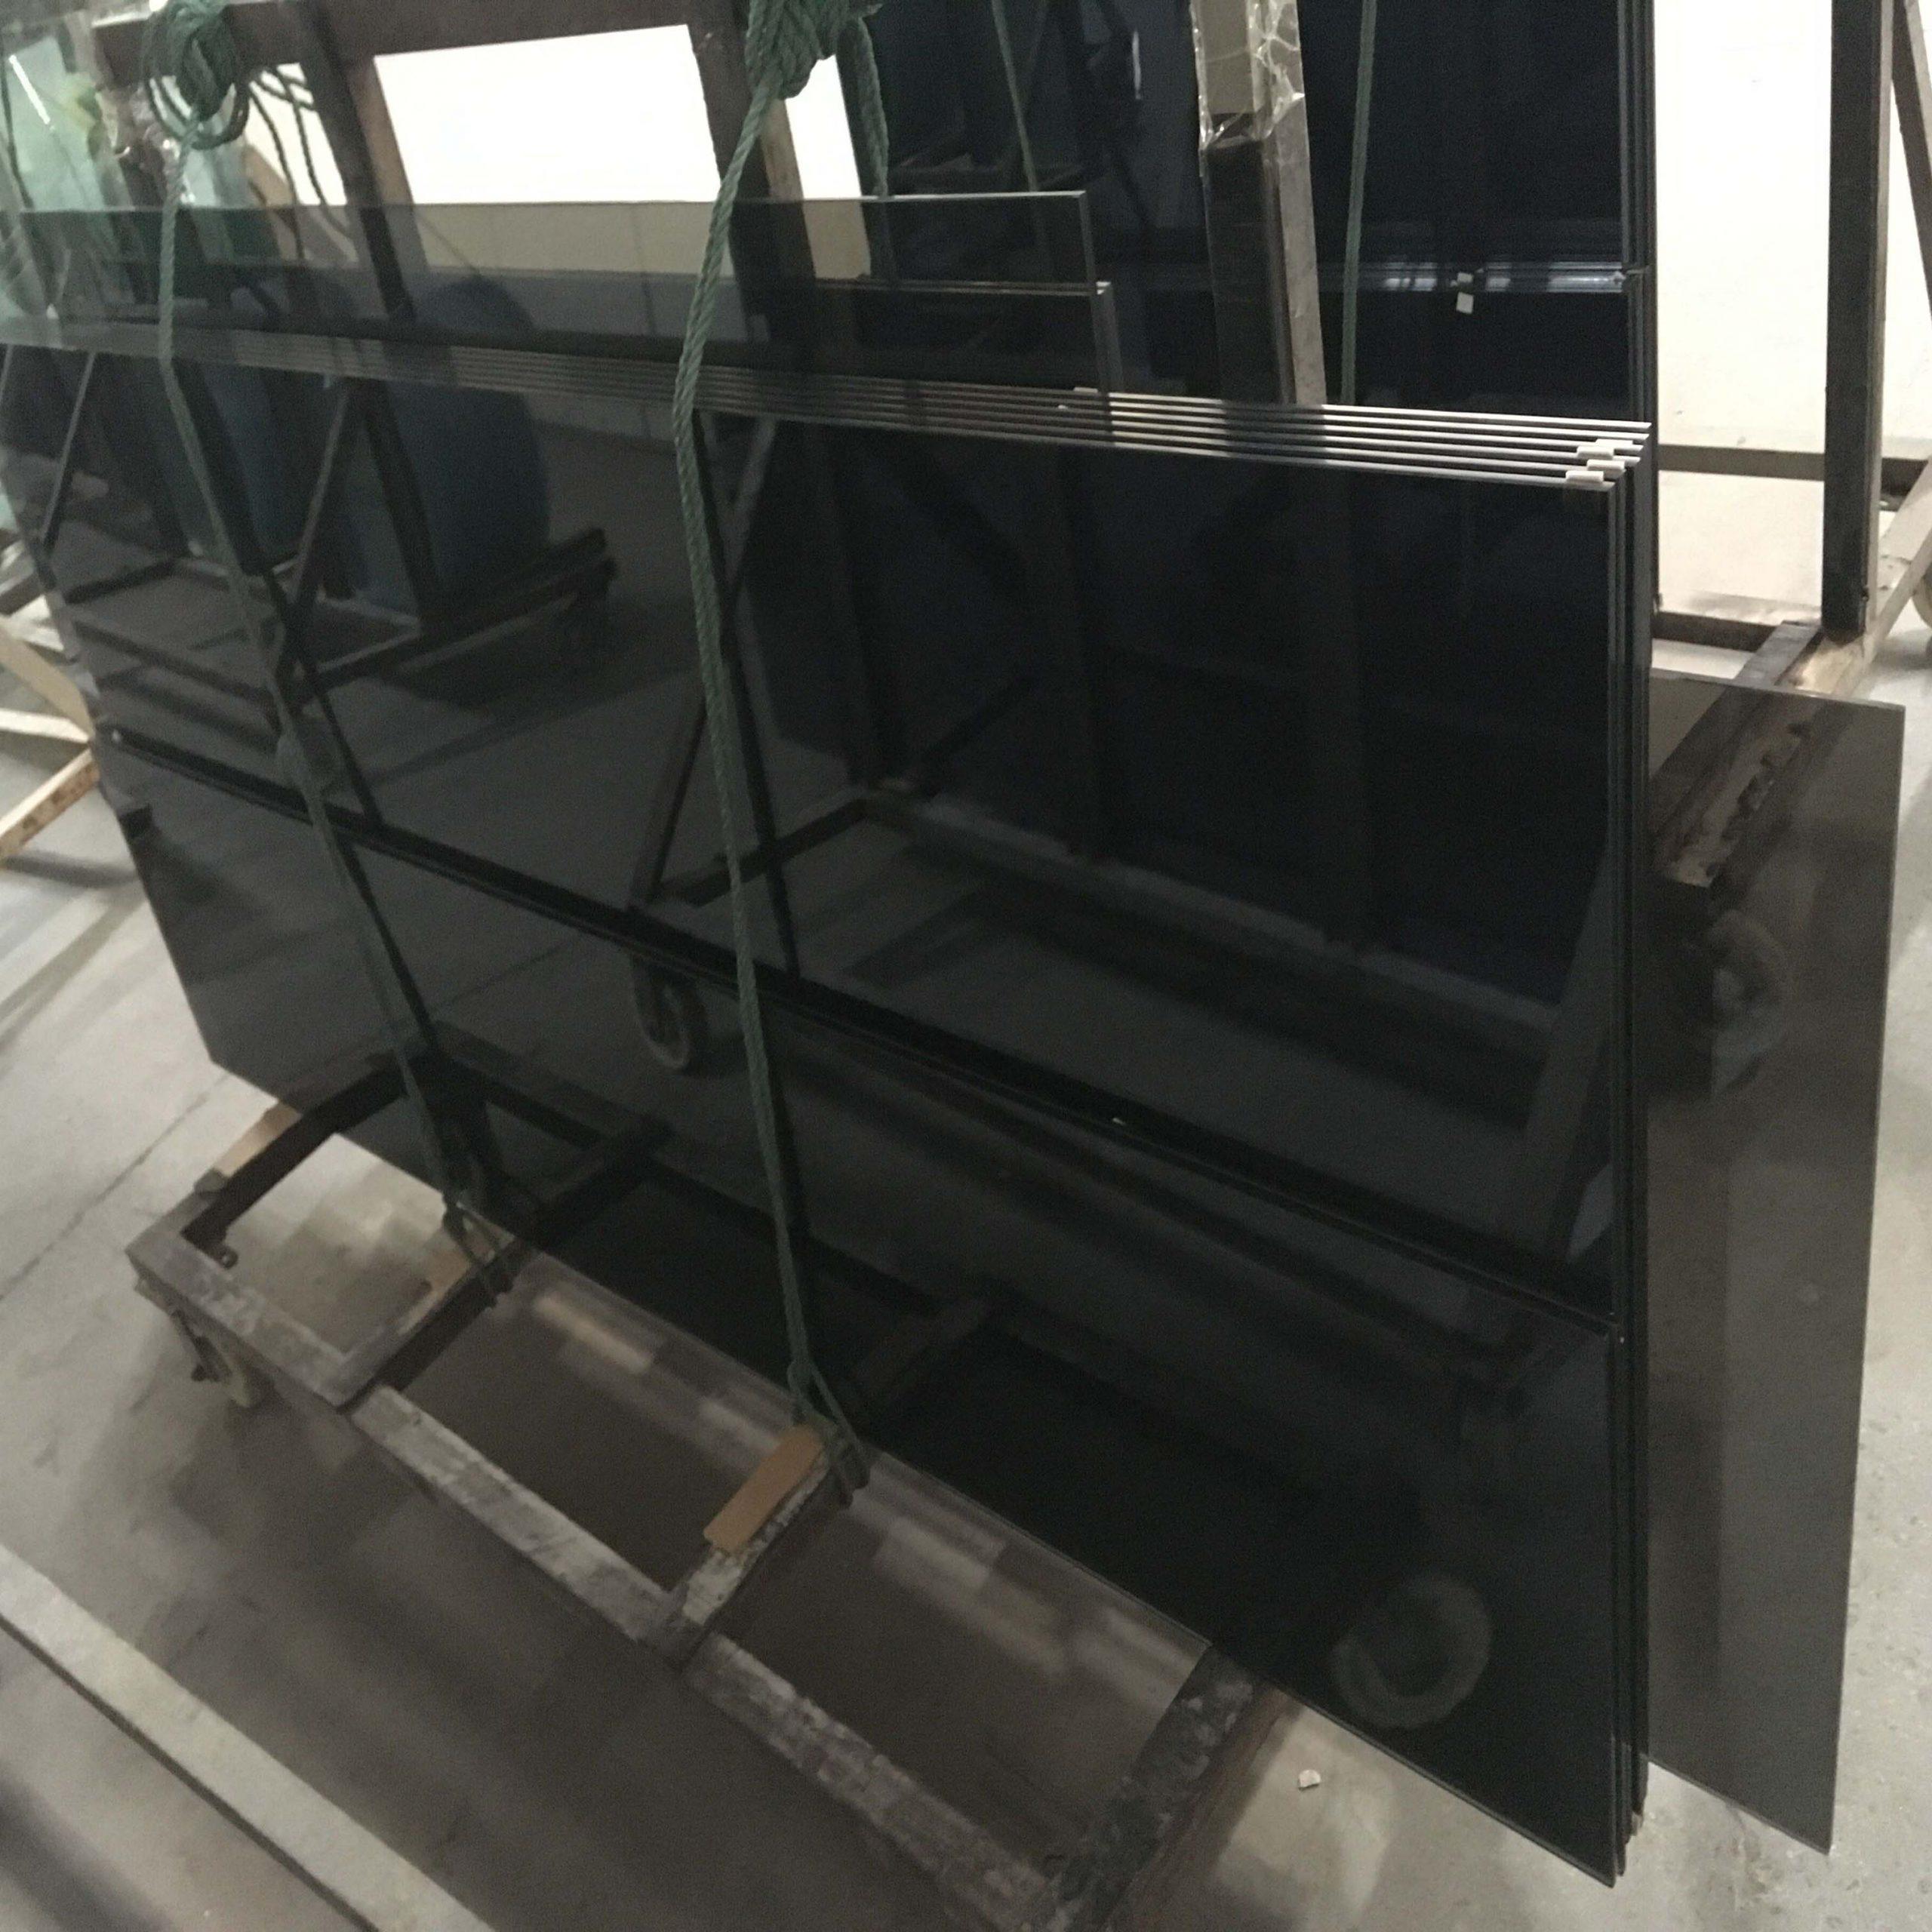 شیشه رفلکس | خرید شیشه رفلکس با نازل ترین قیمت